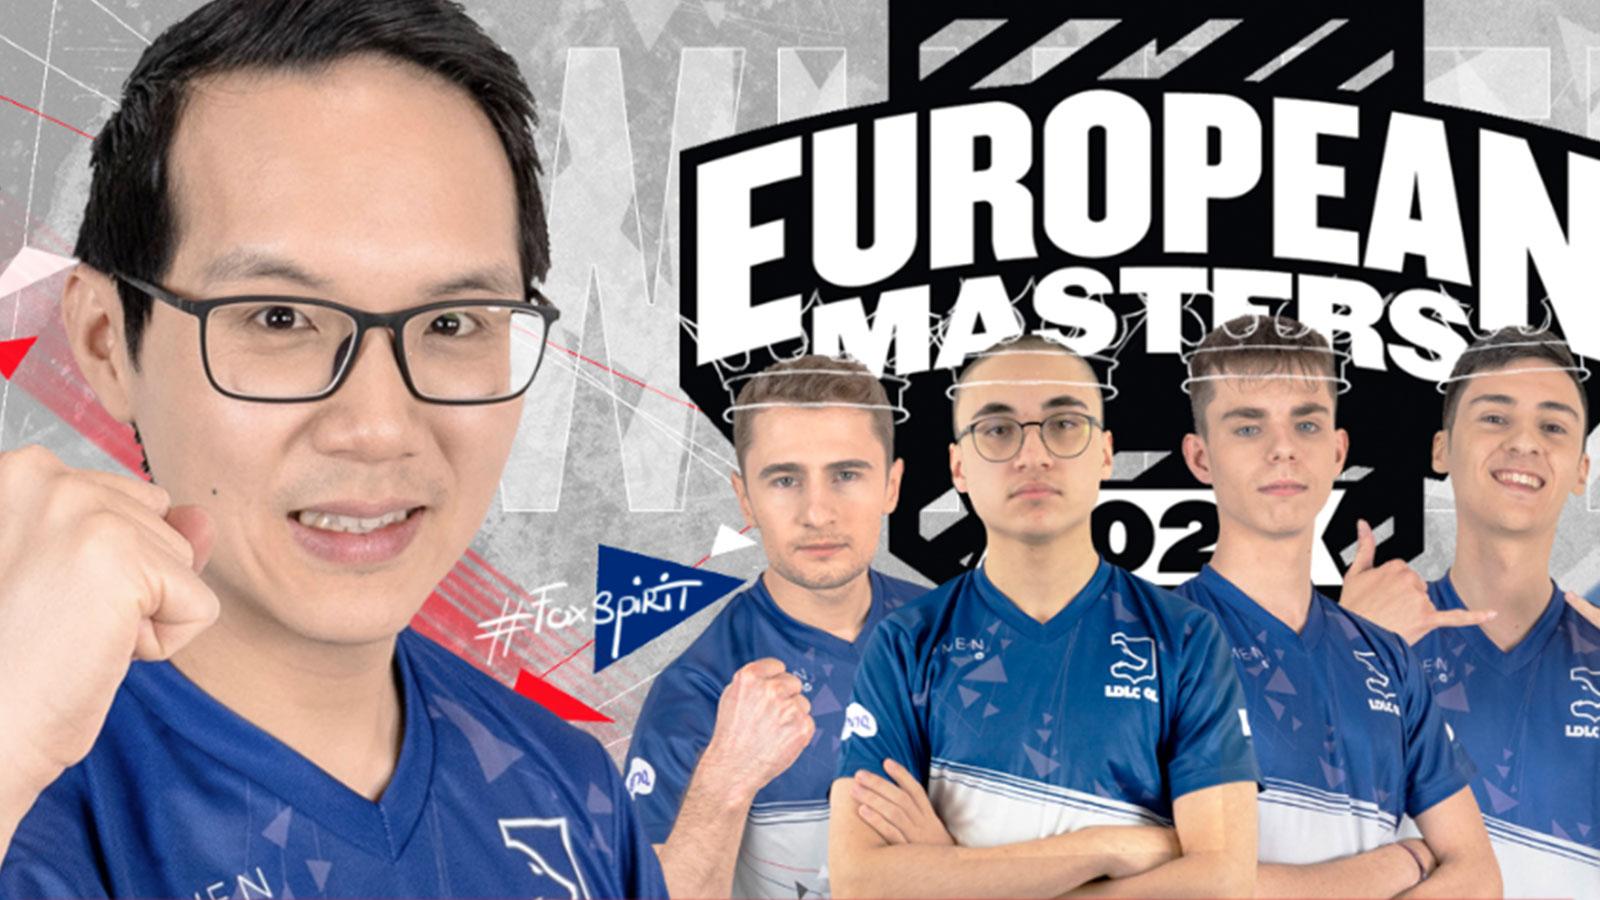 YellOwStaR et LDLC_OL se retrouve champions d'Europe sur League of Legends